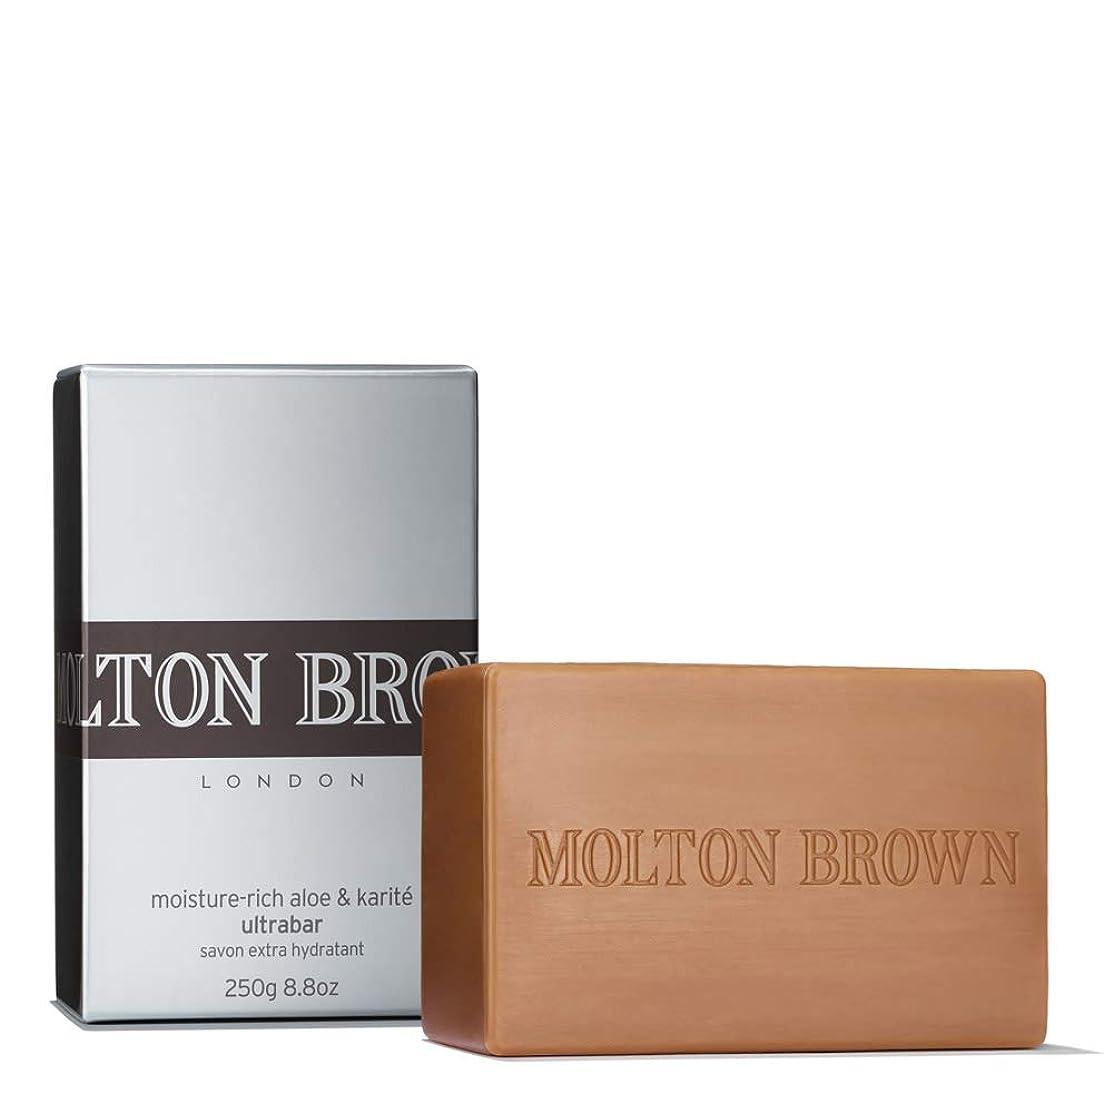 合併症なぞらえるファイルMOLTON BROWN(モルトンブラウン) モイスチャーリッチ アロエ&カリテ ウルトラバー